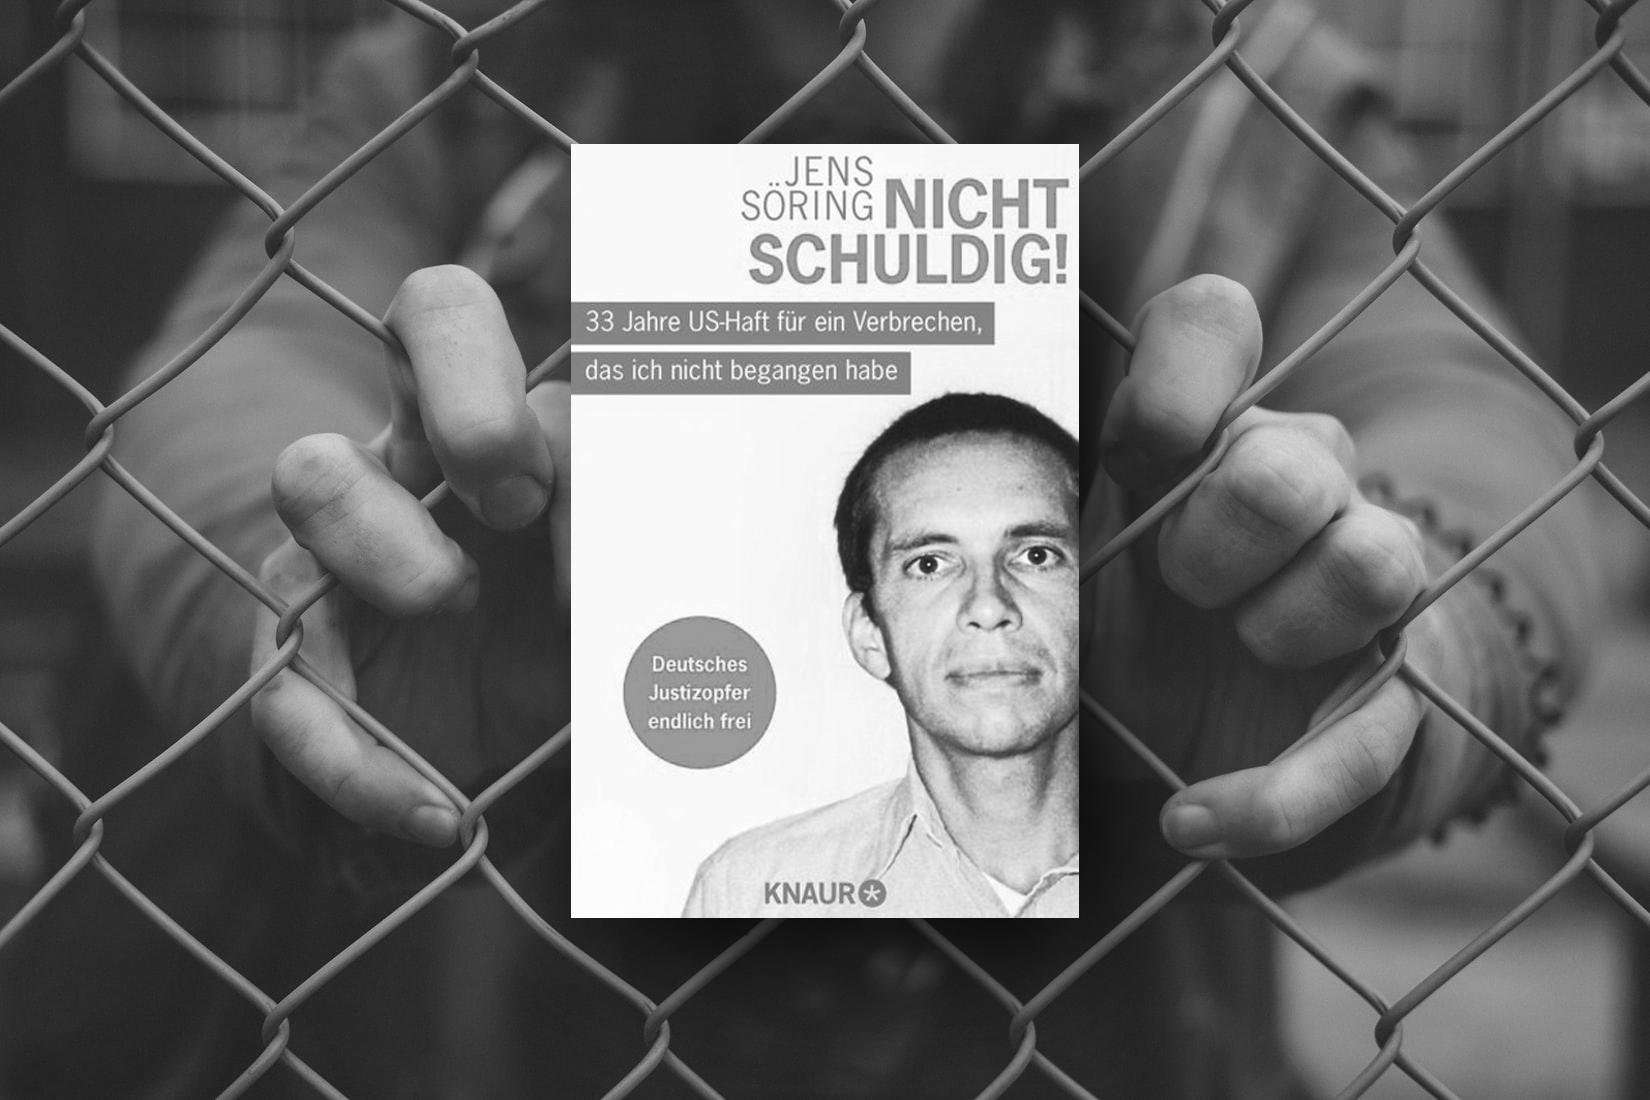 Literaturbesprechung: »Nicht schuldig! 33 Jahre US-Haft für ein Verbrechen, das ich nicht begangen habe« von Jens Söring